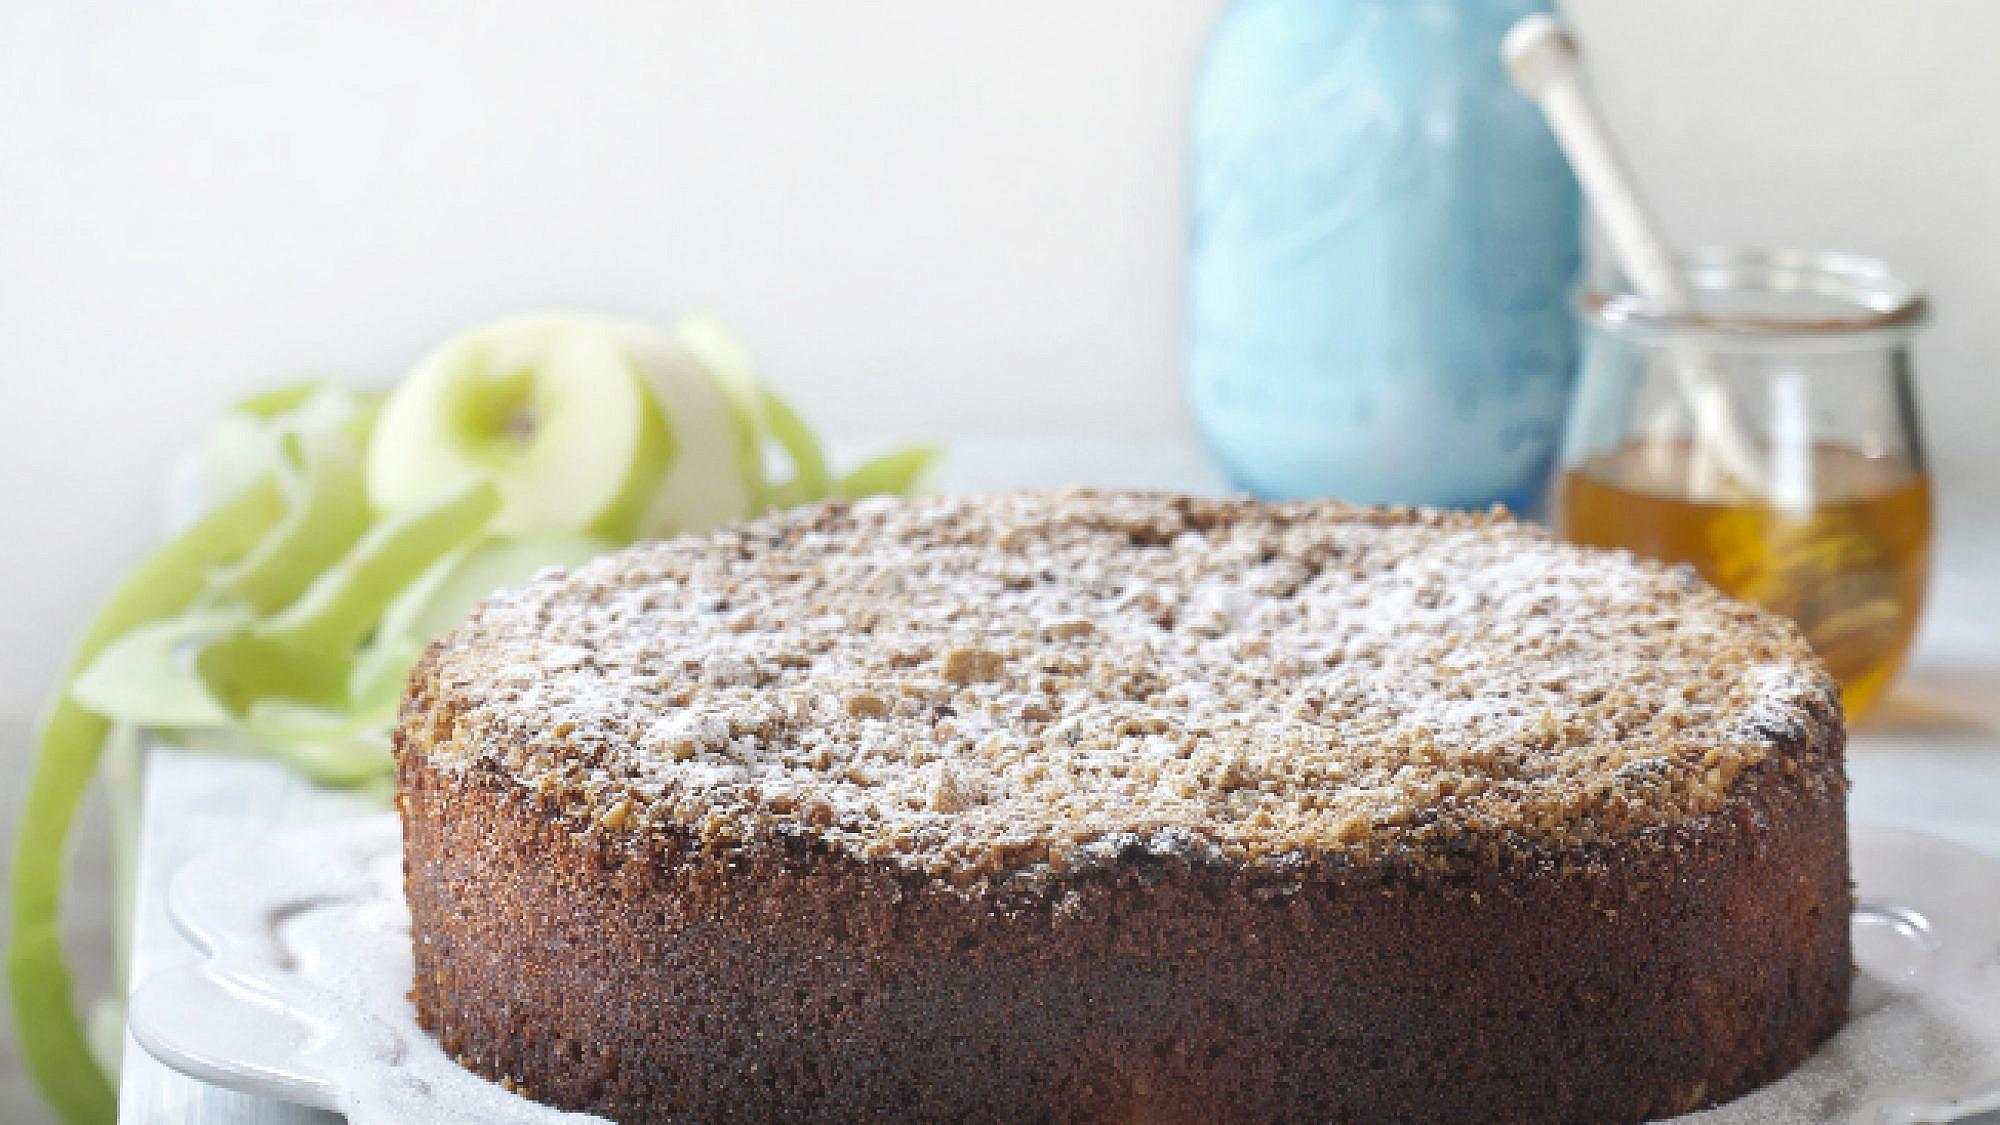 עוגת פירורים תפוח ודבש. צילום: דניאל לילה | סגנון: עמית פרבר